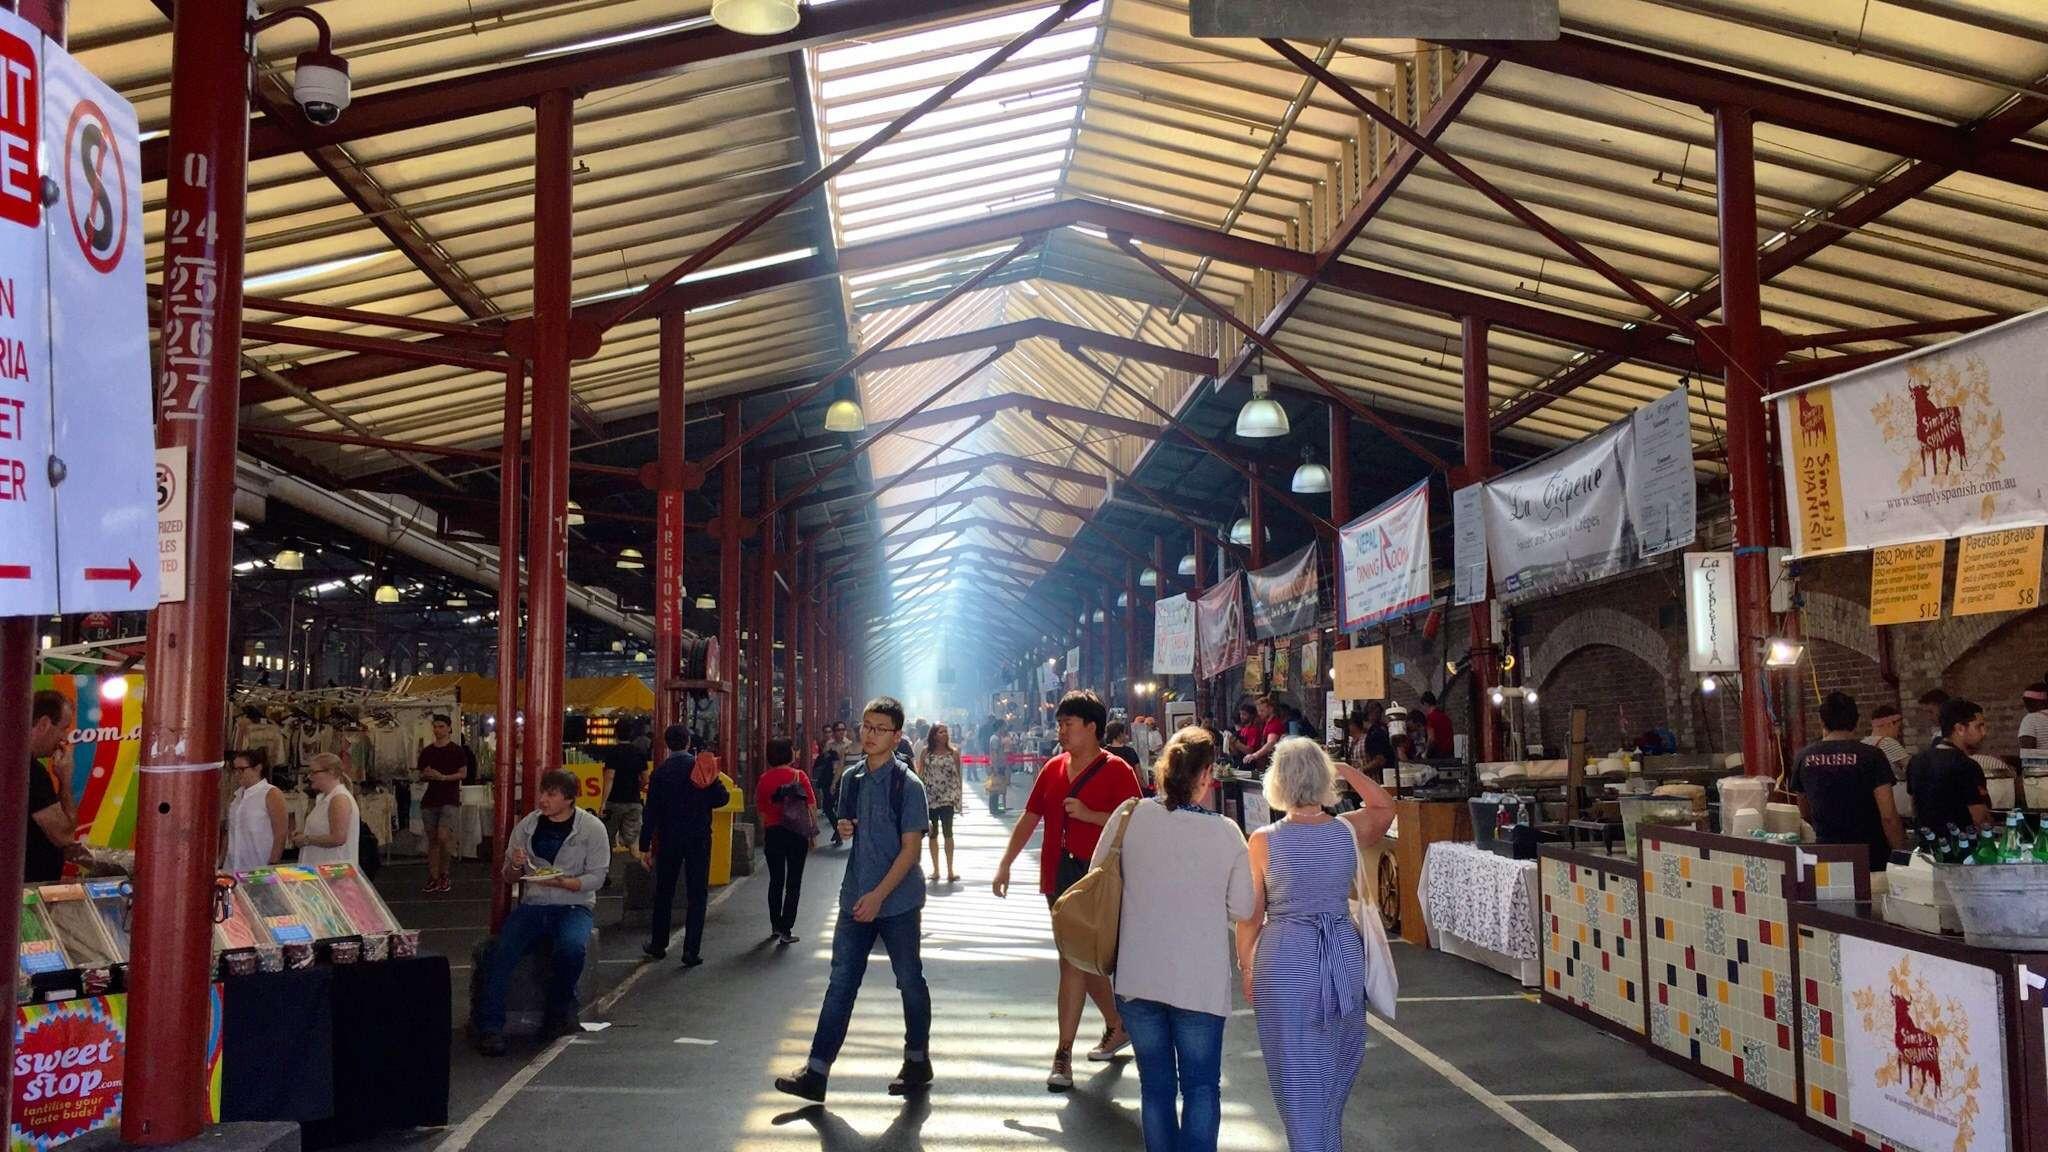 Khám phá khu chợ Nữ hoàng Victoria ngay giữa lòng thành phố Melbourne hiện đại - ảnh 6